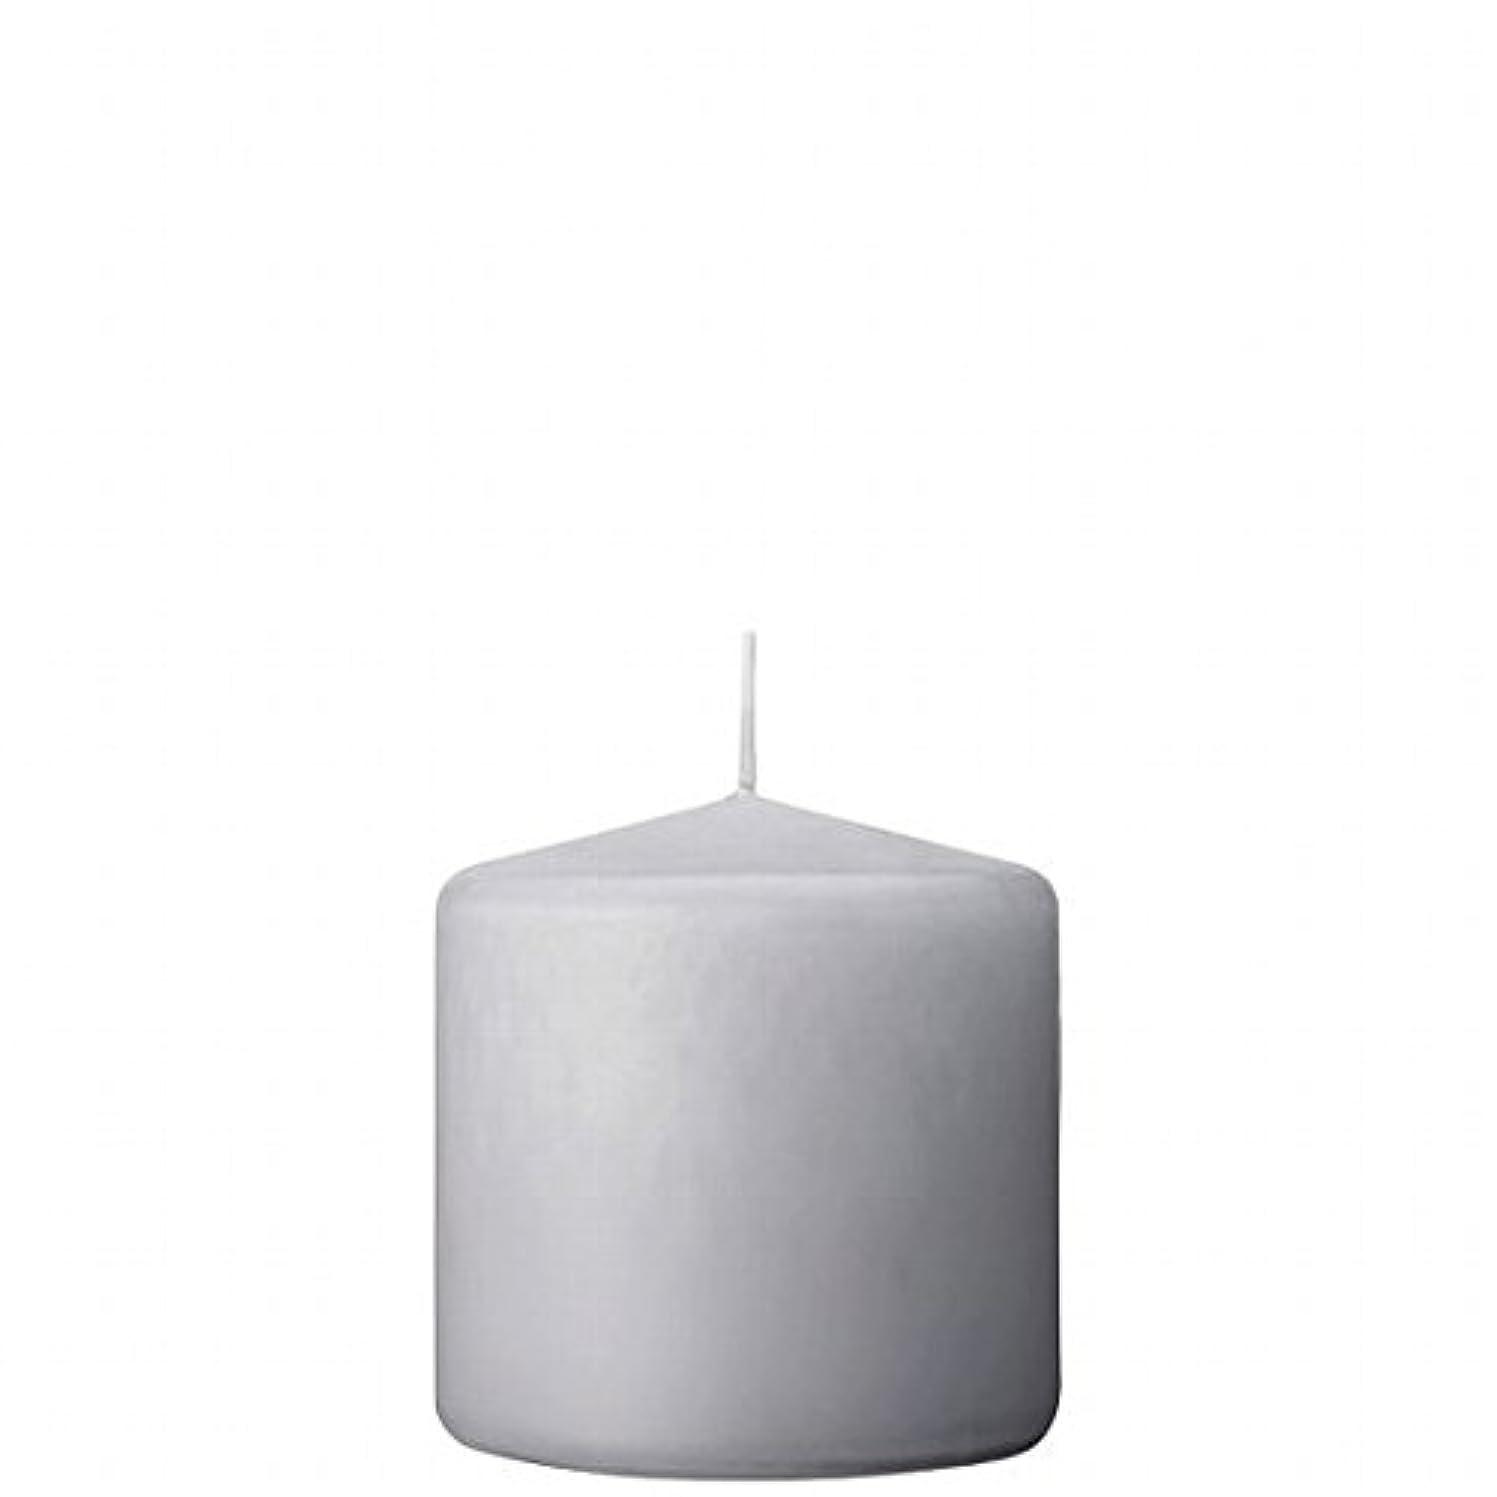 勇気のある読書消費カメヤマキャンドル(kameyama candle) 3×3ベルトップピラーキャンドル 「 ライトグレー 」